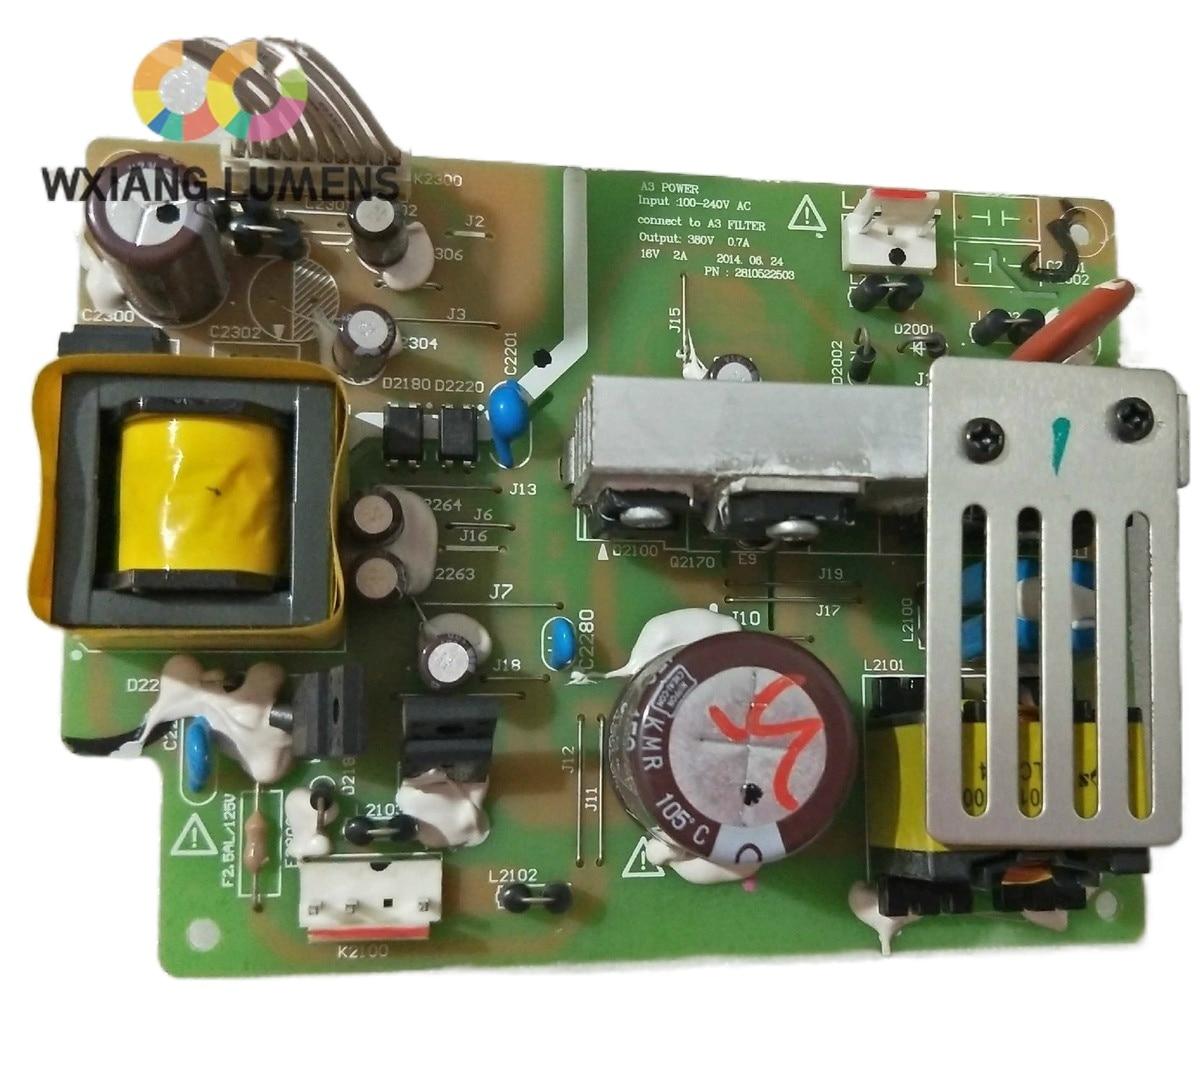 العرض الرئيسي لوحة امدادات الطاقة يصلح لباناسونيك PT-X3231STC